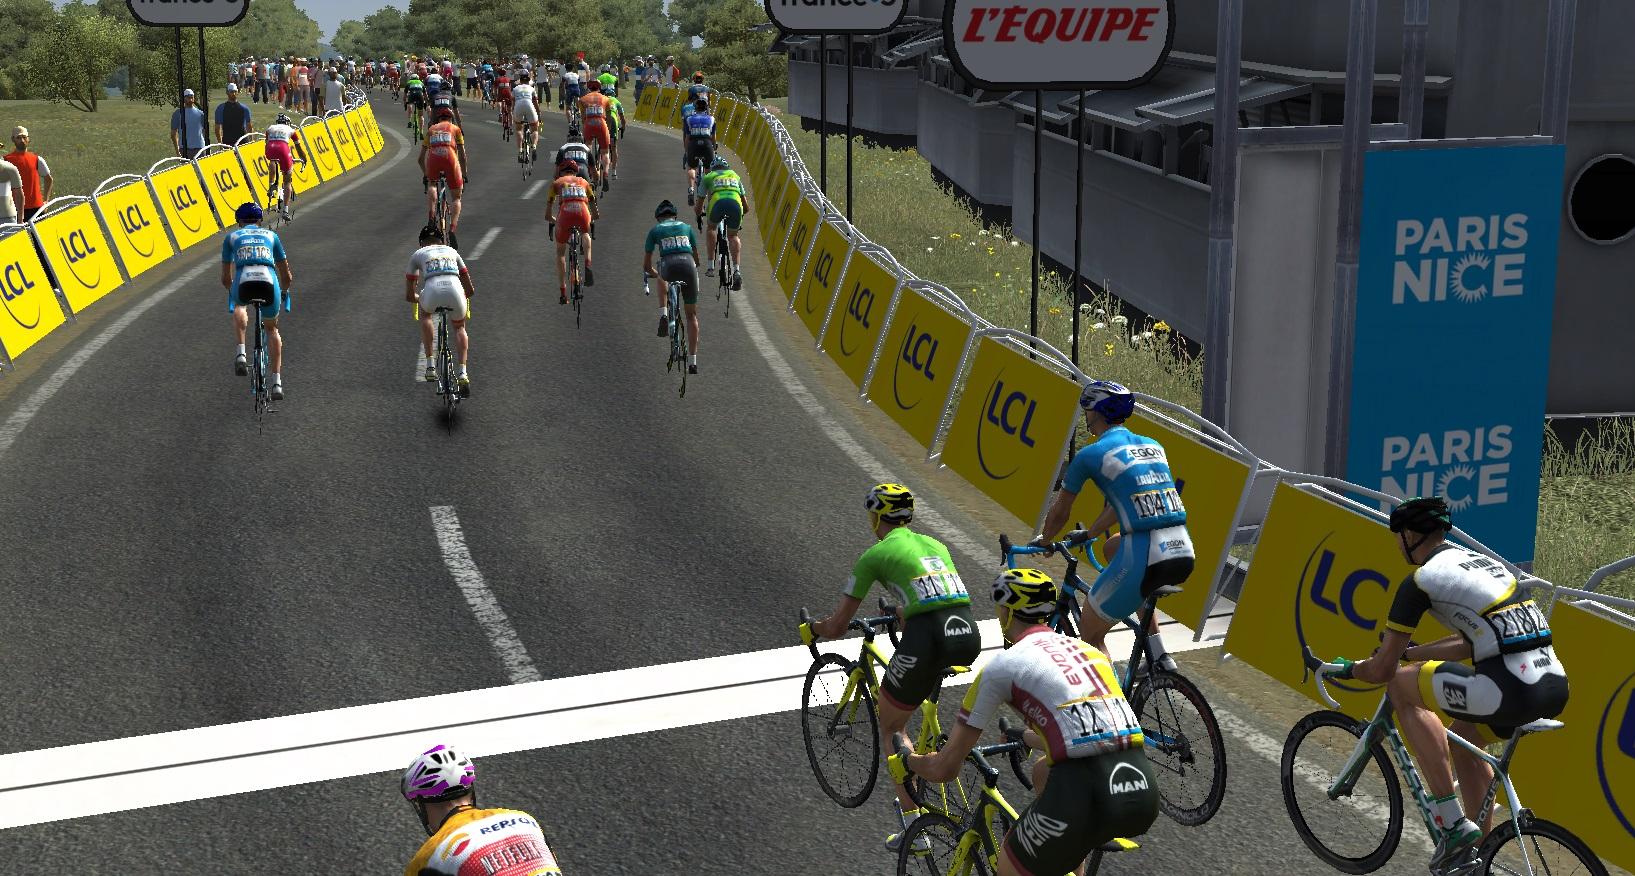 pcmdaily.com/images/mg/2019/Races/PT/PN/pn5-26.jpg